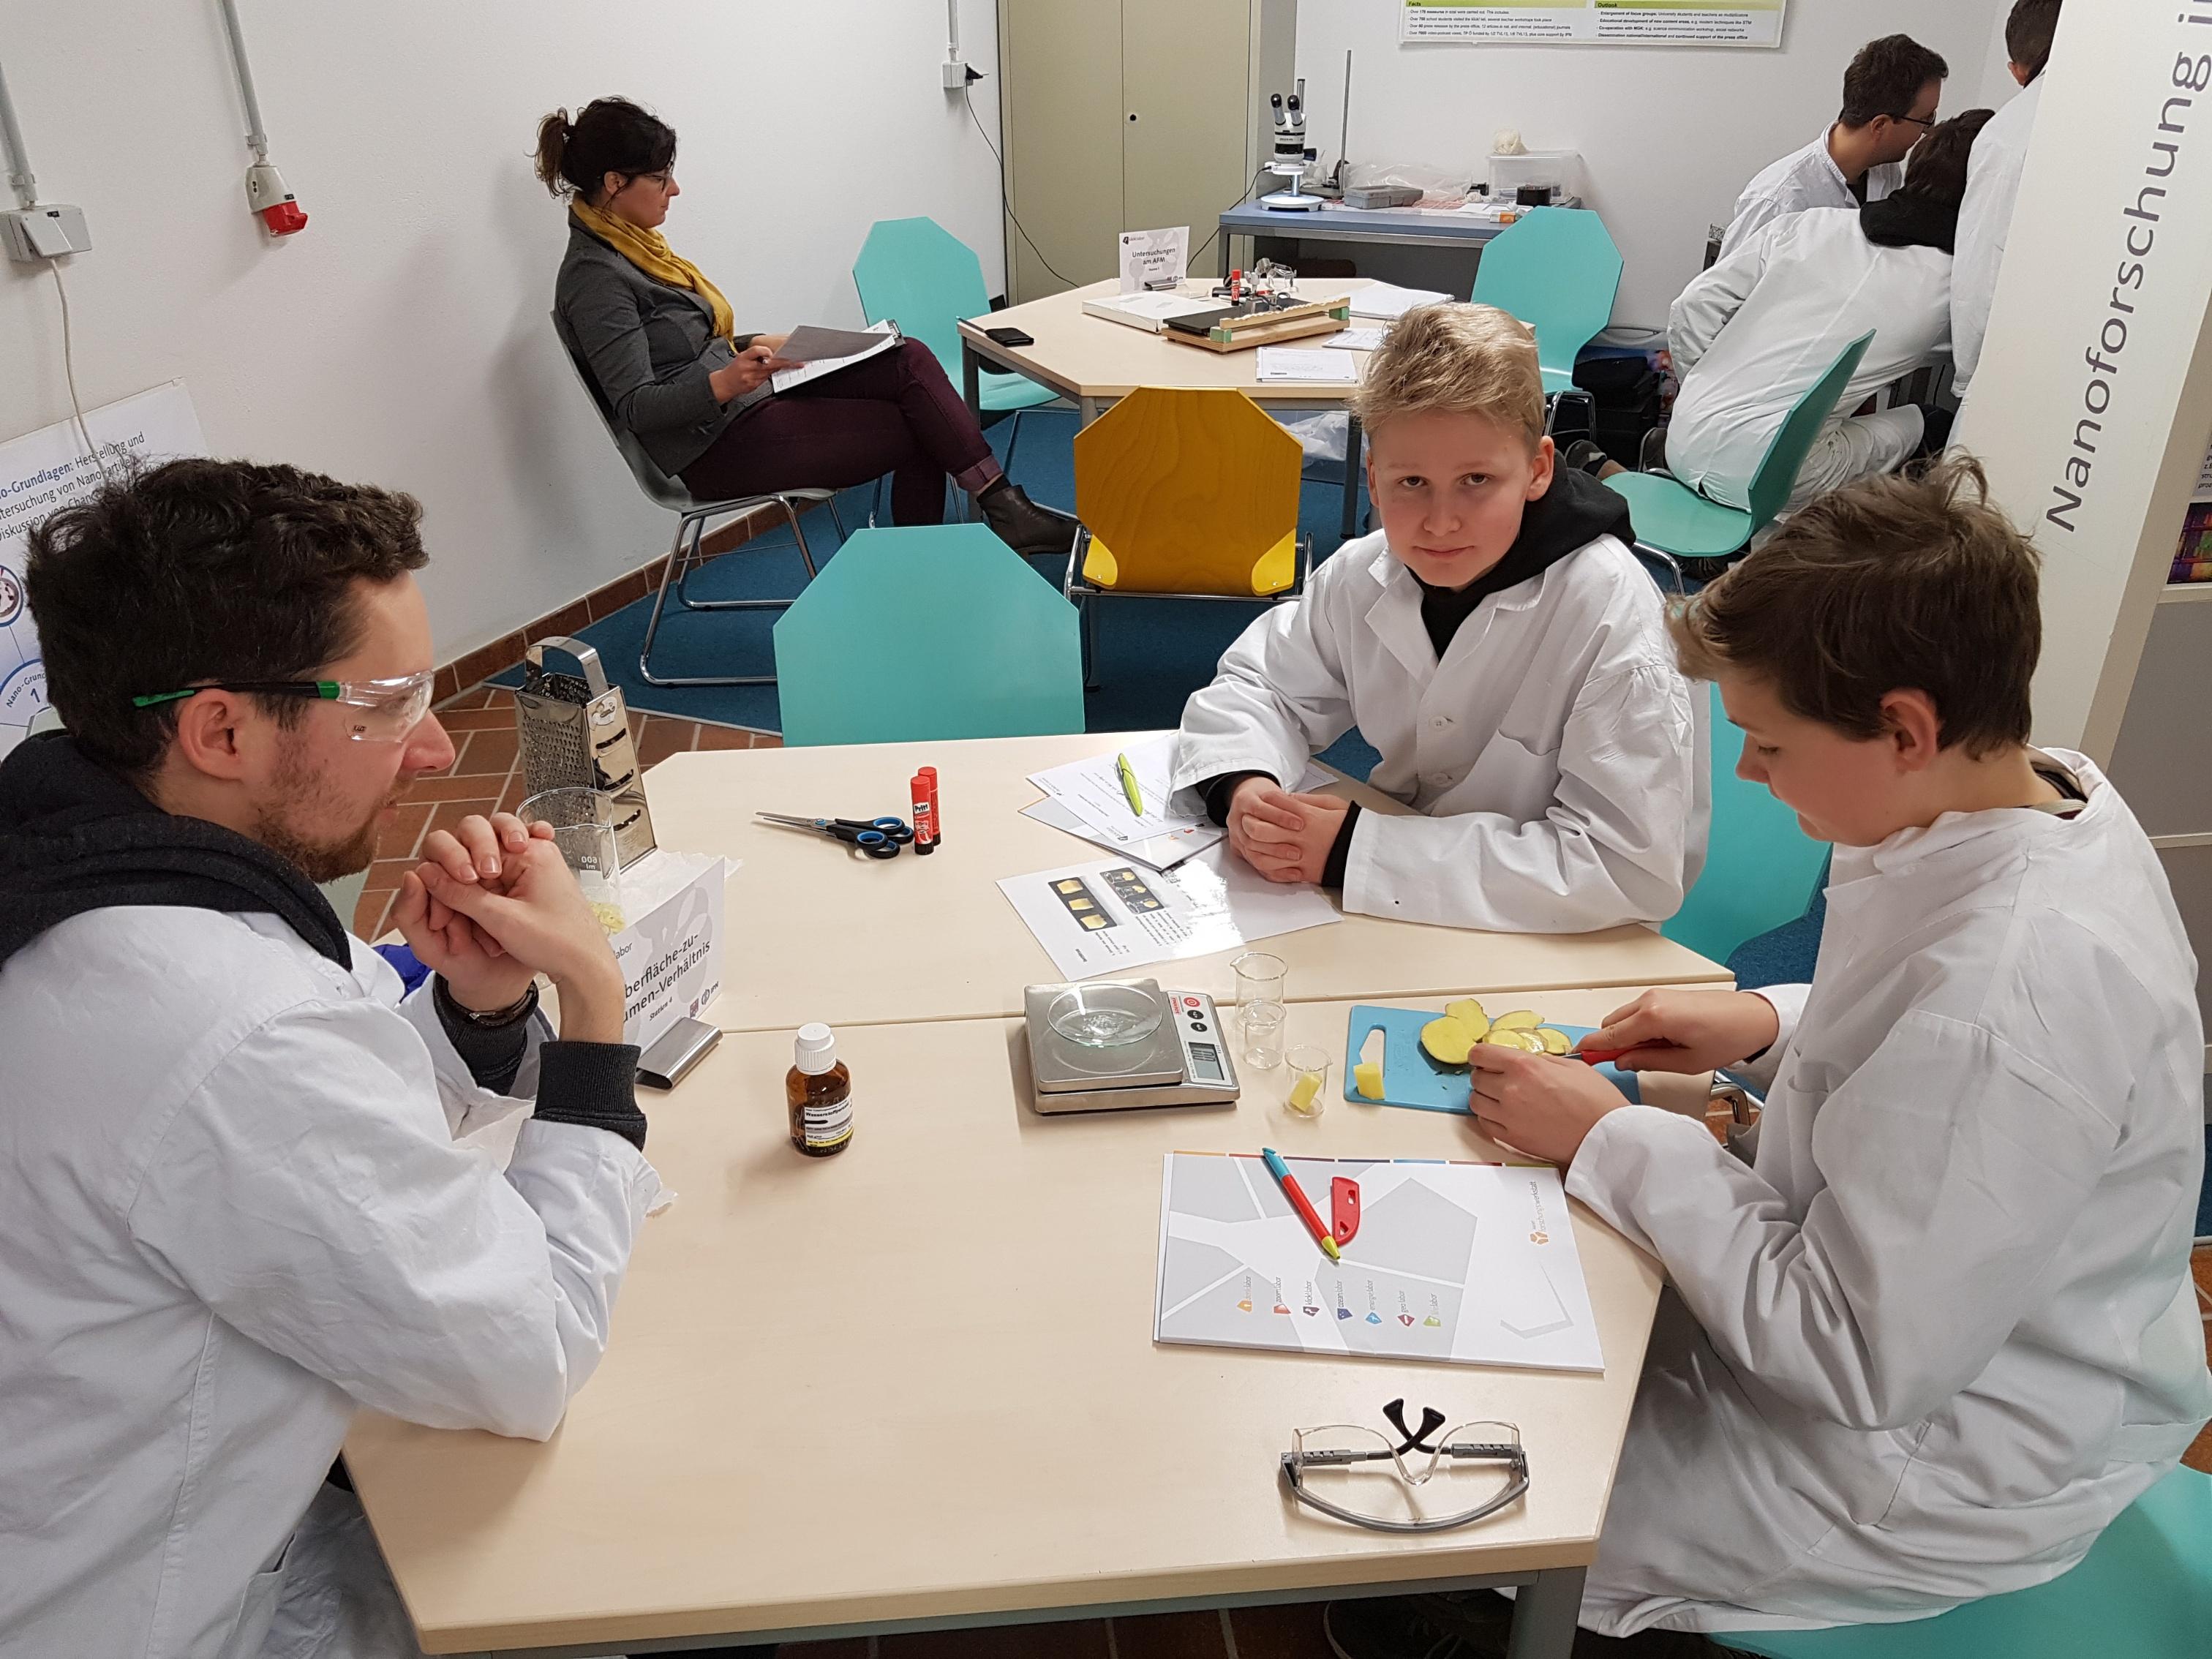 Besuch in der Forschungswerkstatt Kiel